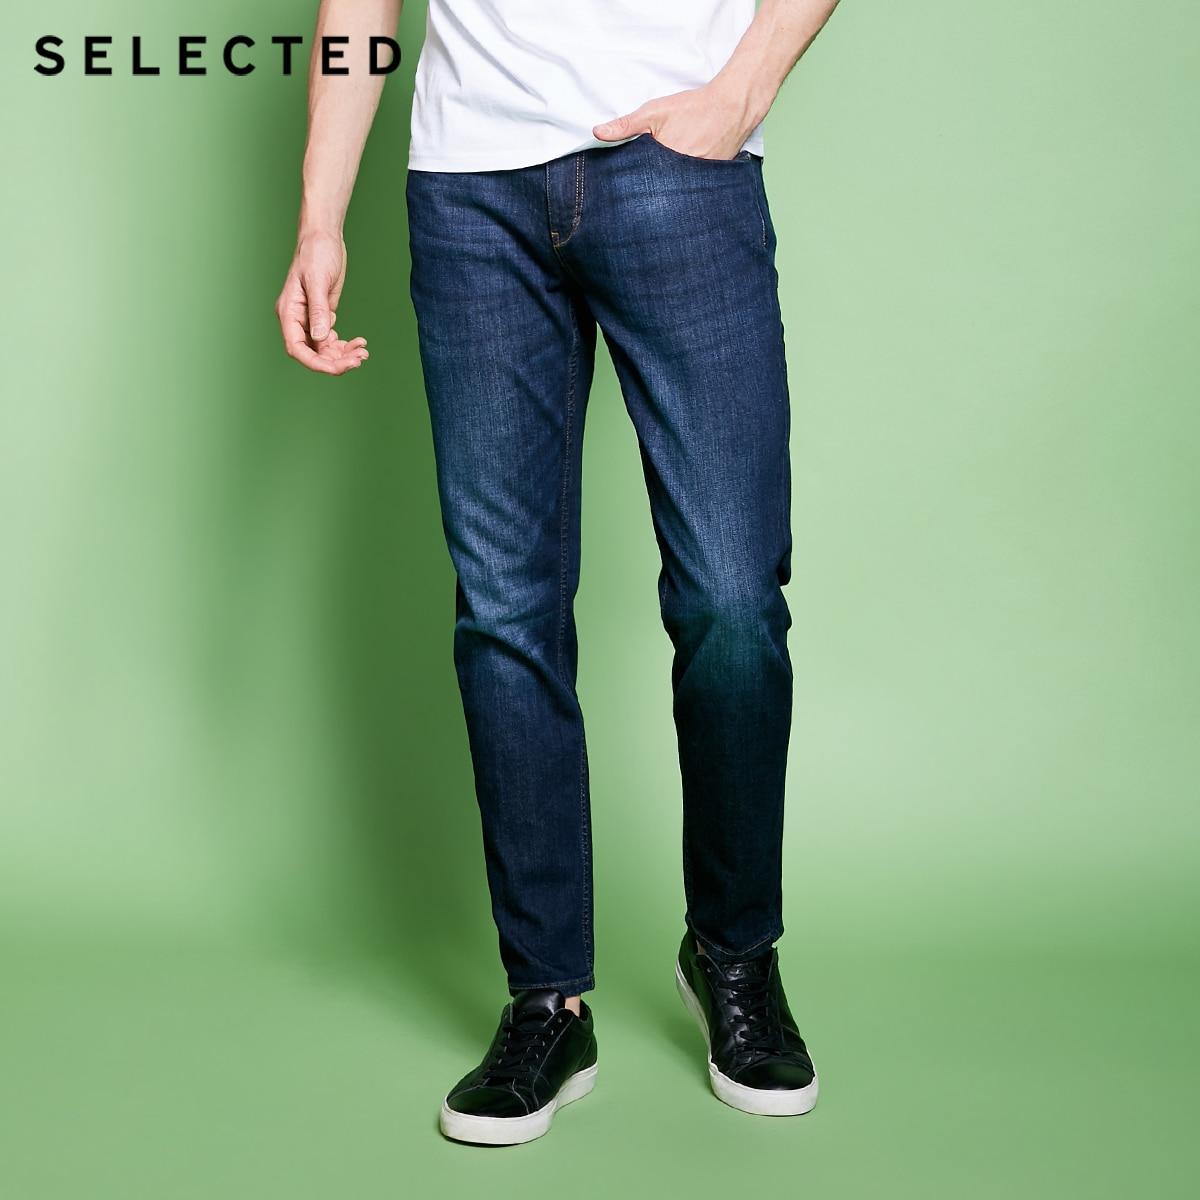 CHOISI Des Hommes de Coton-mélange Léger Étirement Moustaches Lavage Effet Slim Fit Jeans C | 418132525 - 2